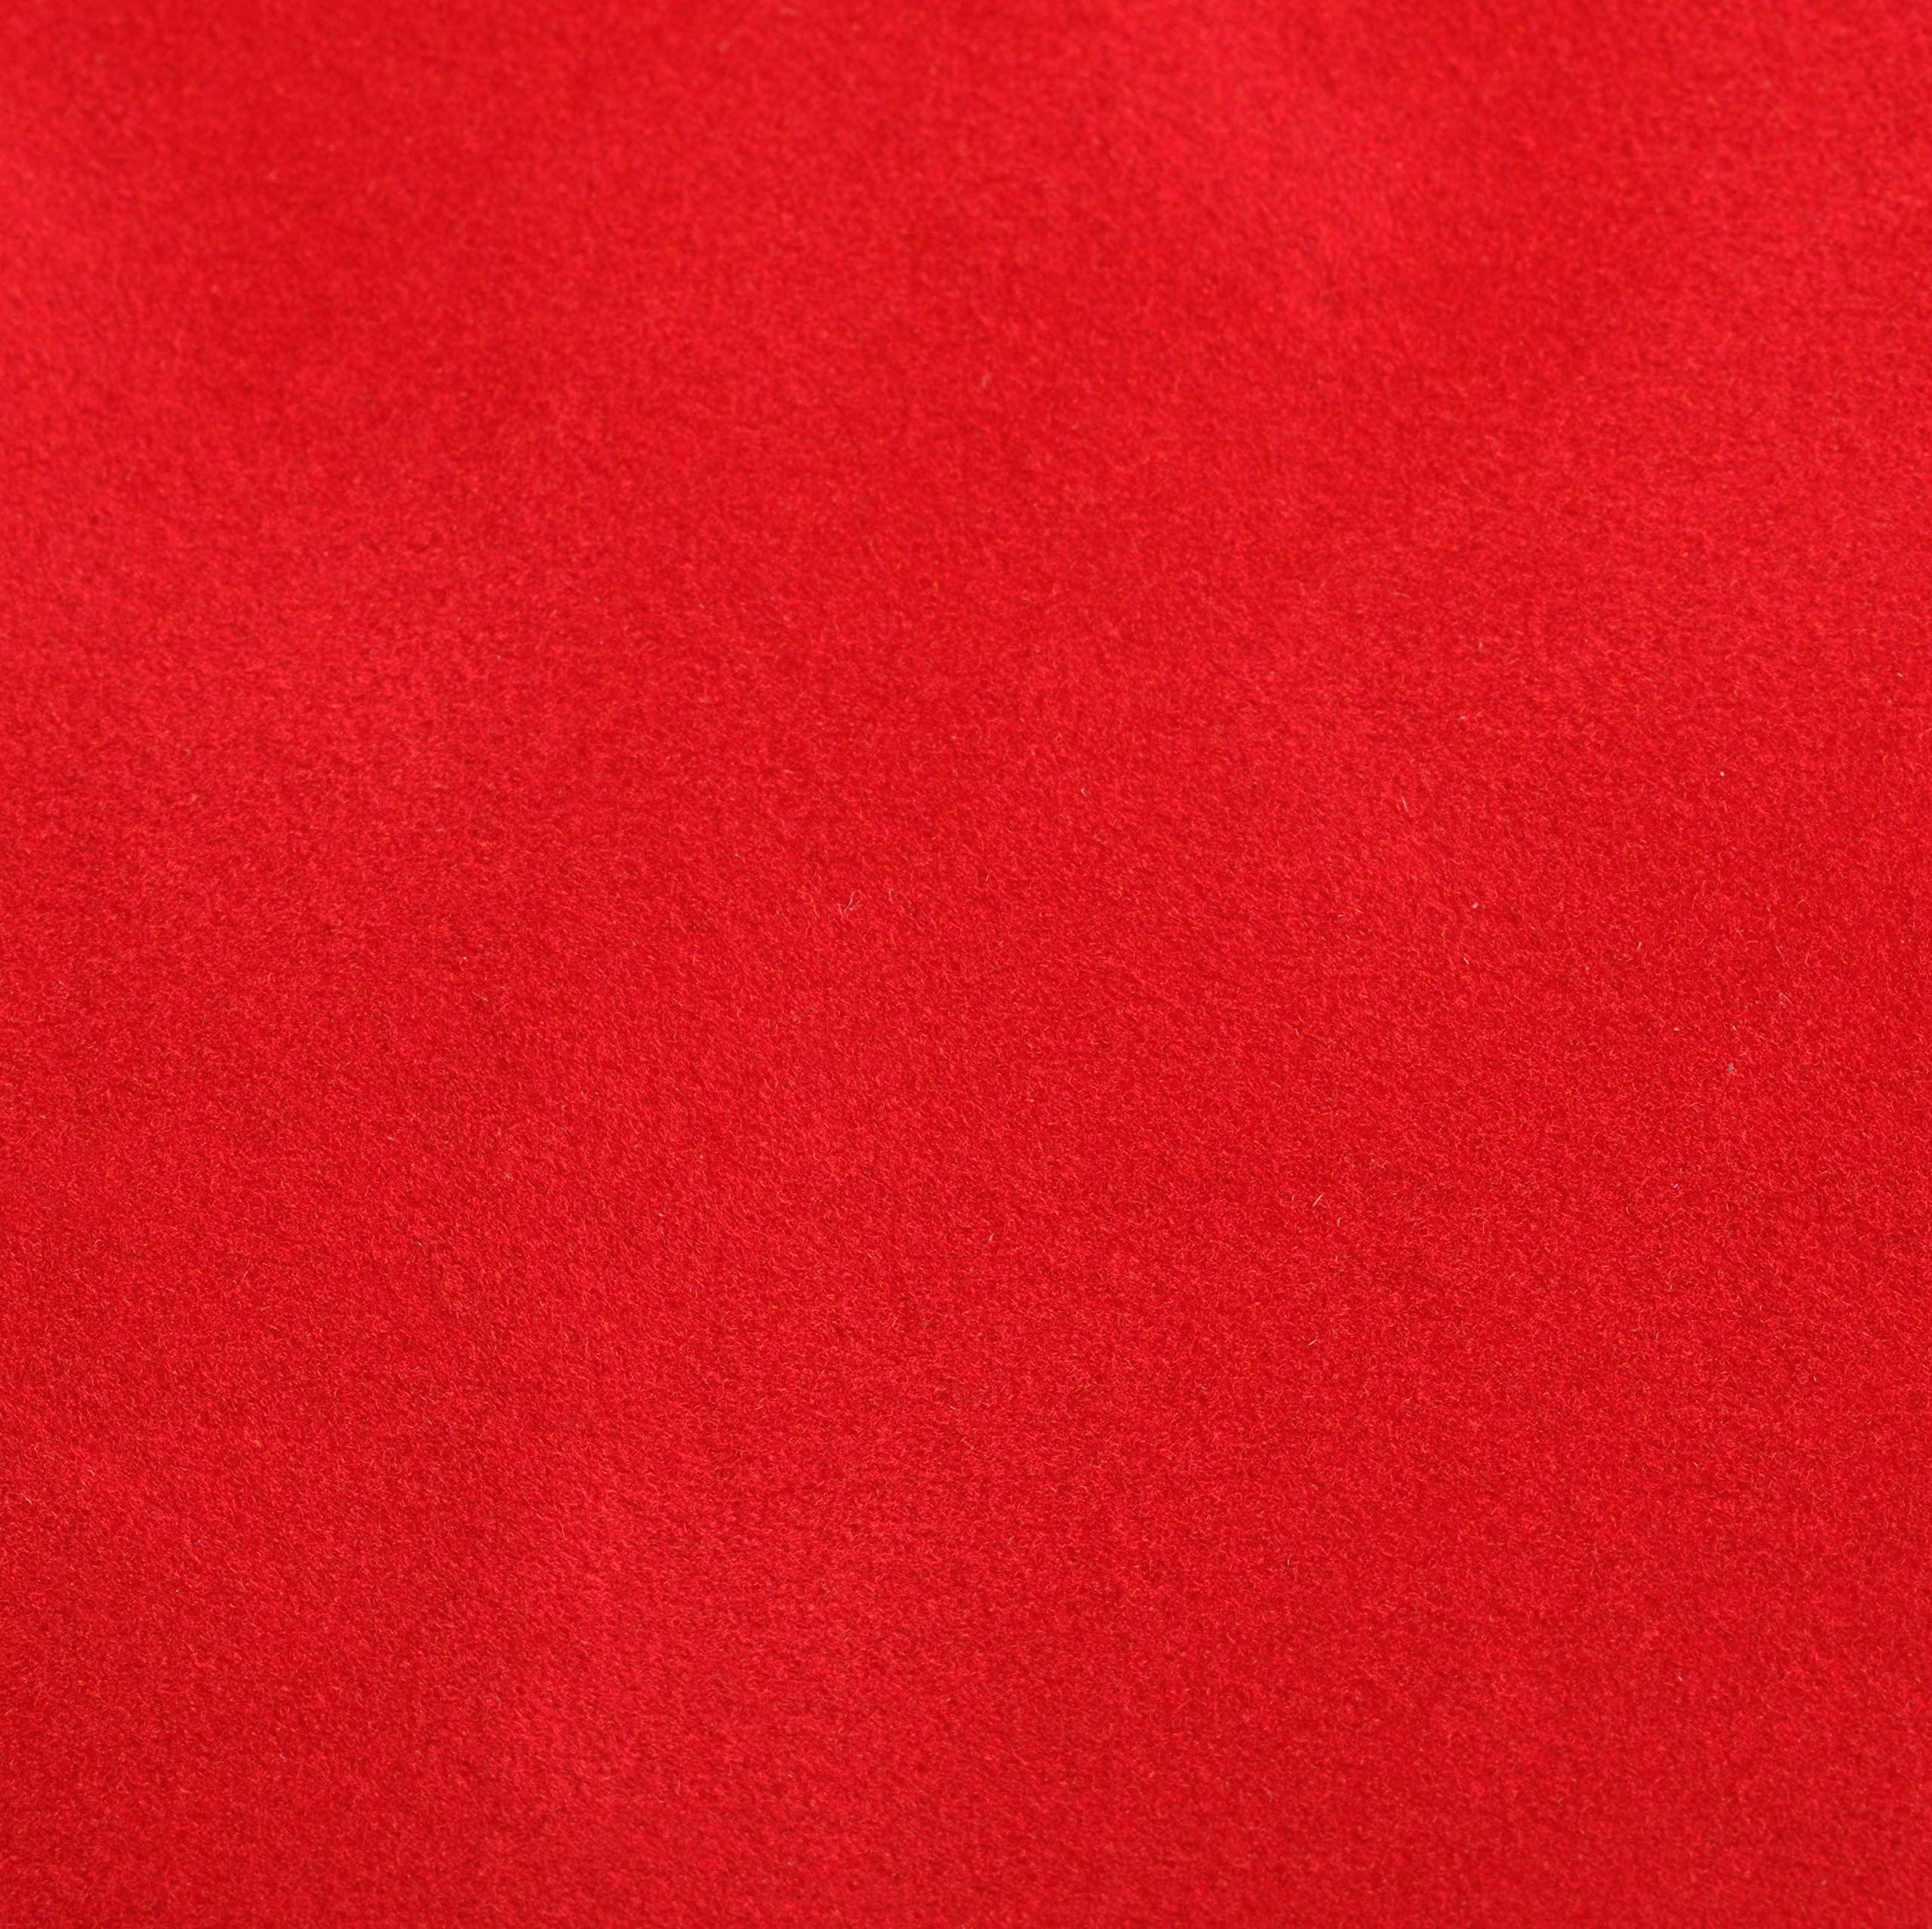 Venilia Aksamitna folia samoprzylepna Velvet aksamitny wygląd, folia welurowa, folia dekoracyjna, folia do mebli, tapety, folia samoprzylepna, PCW, 140 m (grubość: 0,14 mm), 53191, 45 cm x 1 m